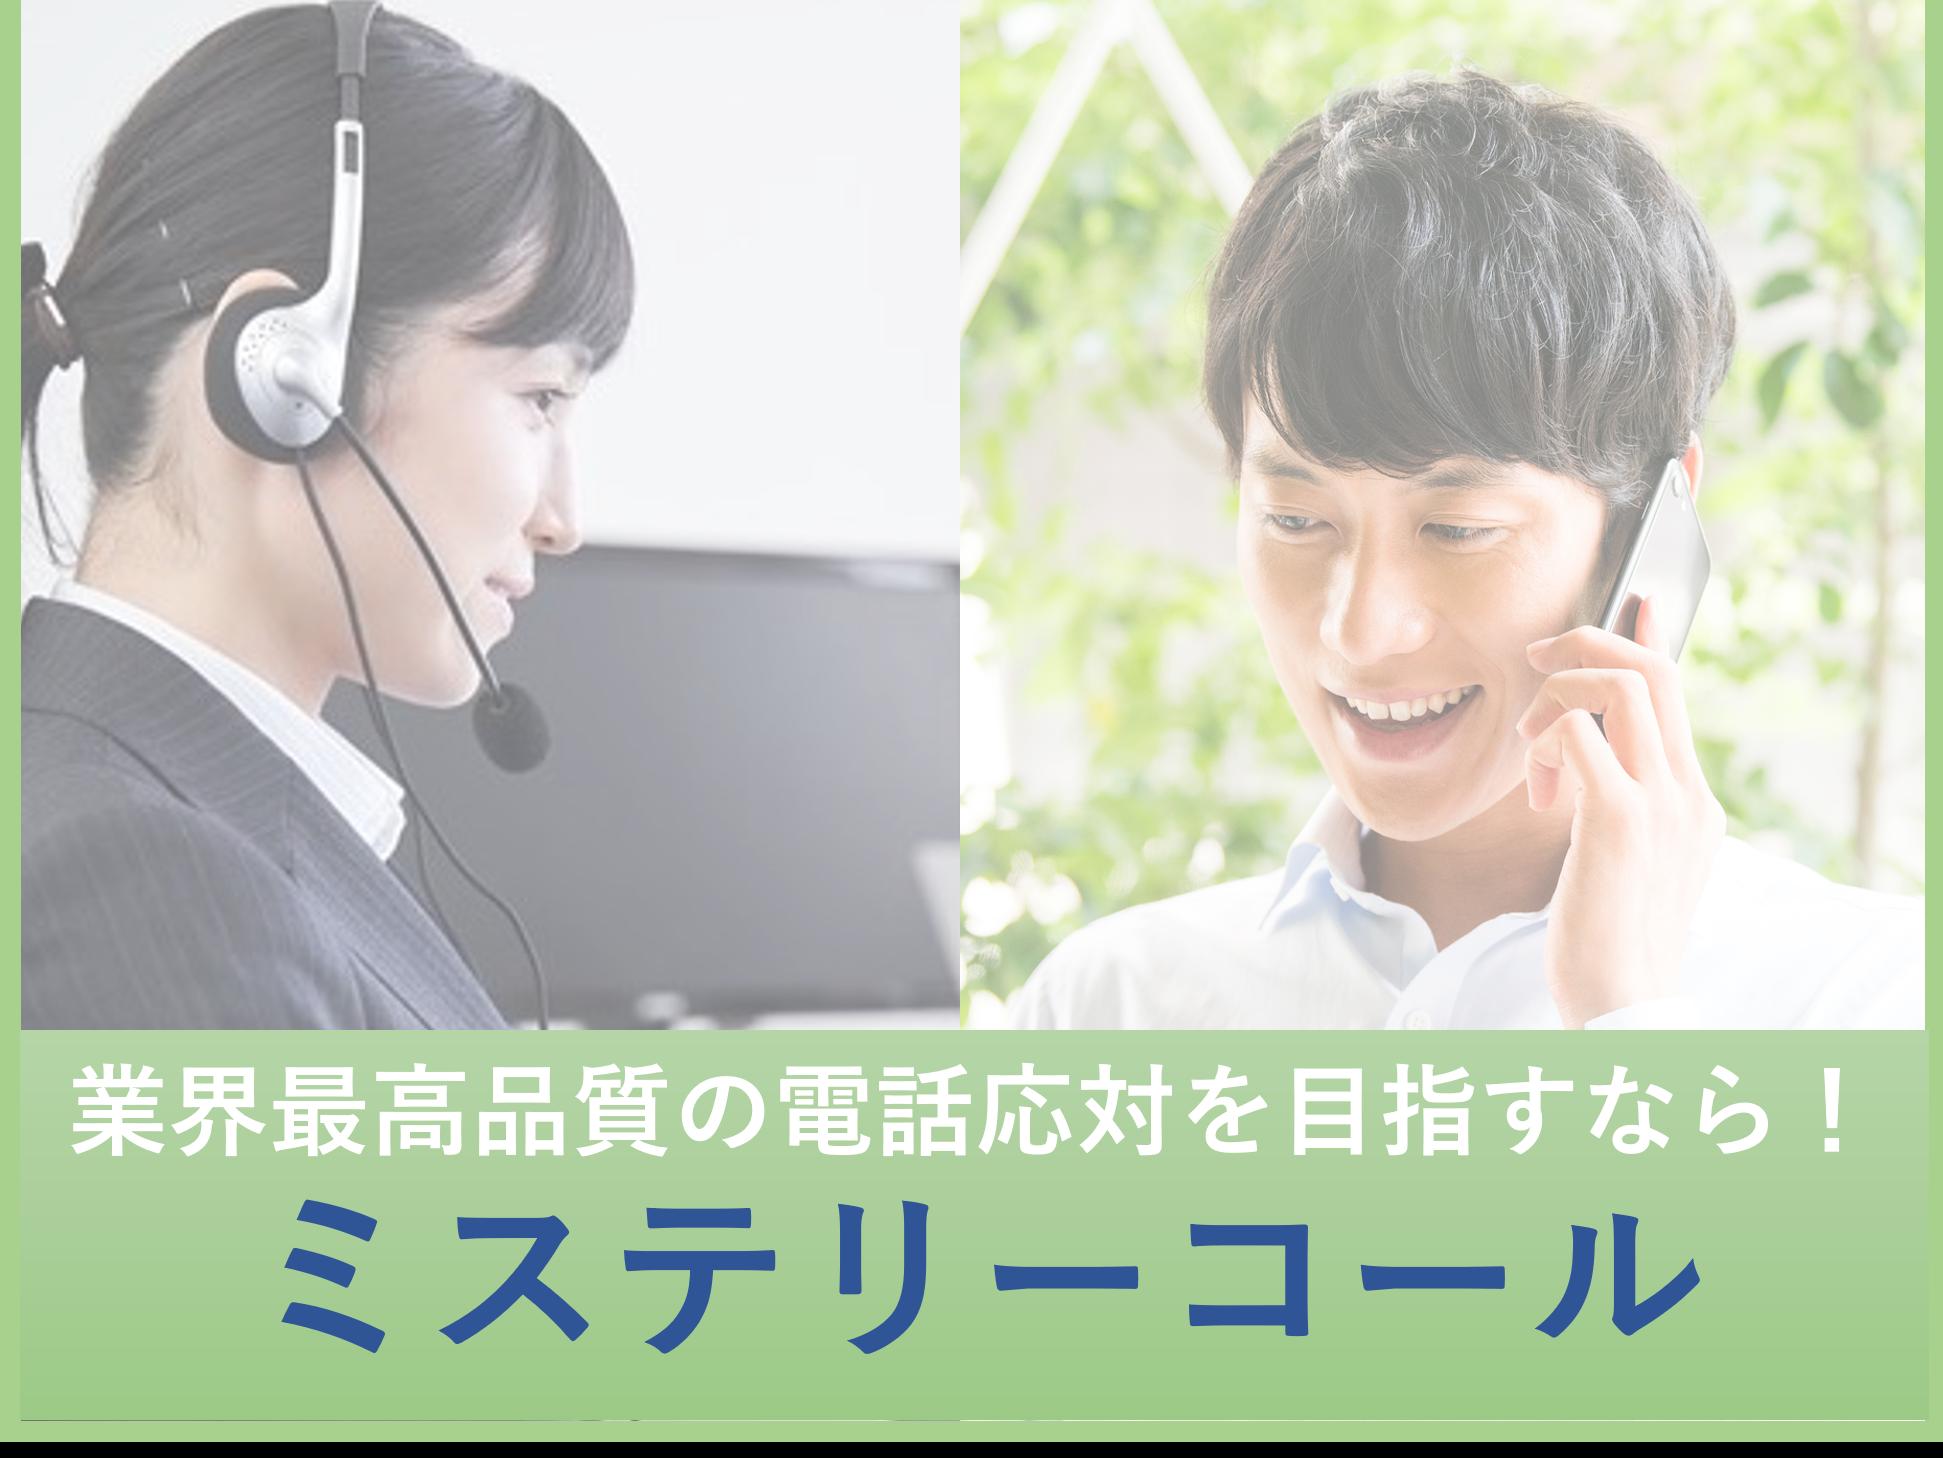 ミステリーコール(電話応対品質調査)・CS向上からCX(顧客体験価値)の実現へ